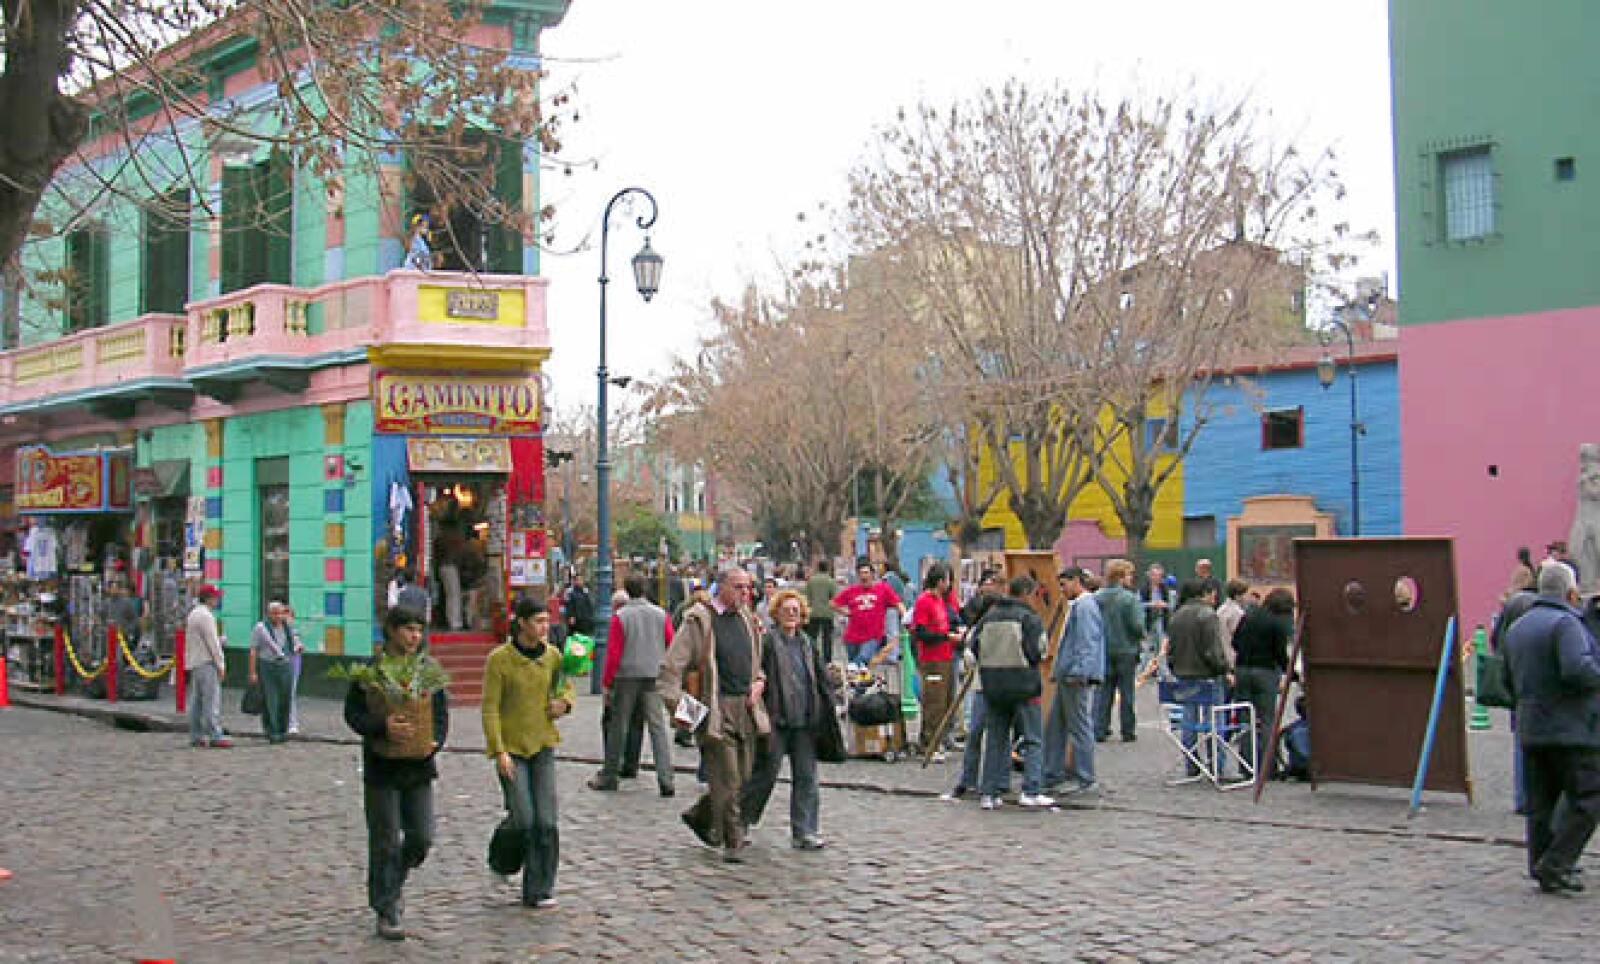 Enclavado en el Barrio de La Boca, el Pasaje Caminito es una avenida con varios museos y parajes culturales. Encontrarás el más triste tango, el canto alegre de los fanáticos del club de futbol Boca Juniors y hasta un mercado con artesanías.